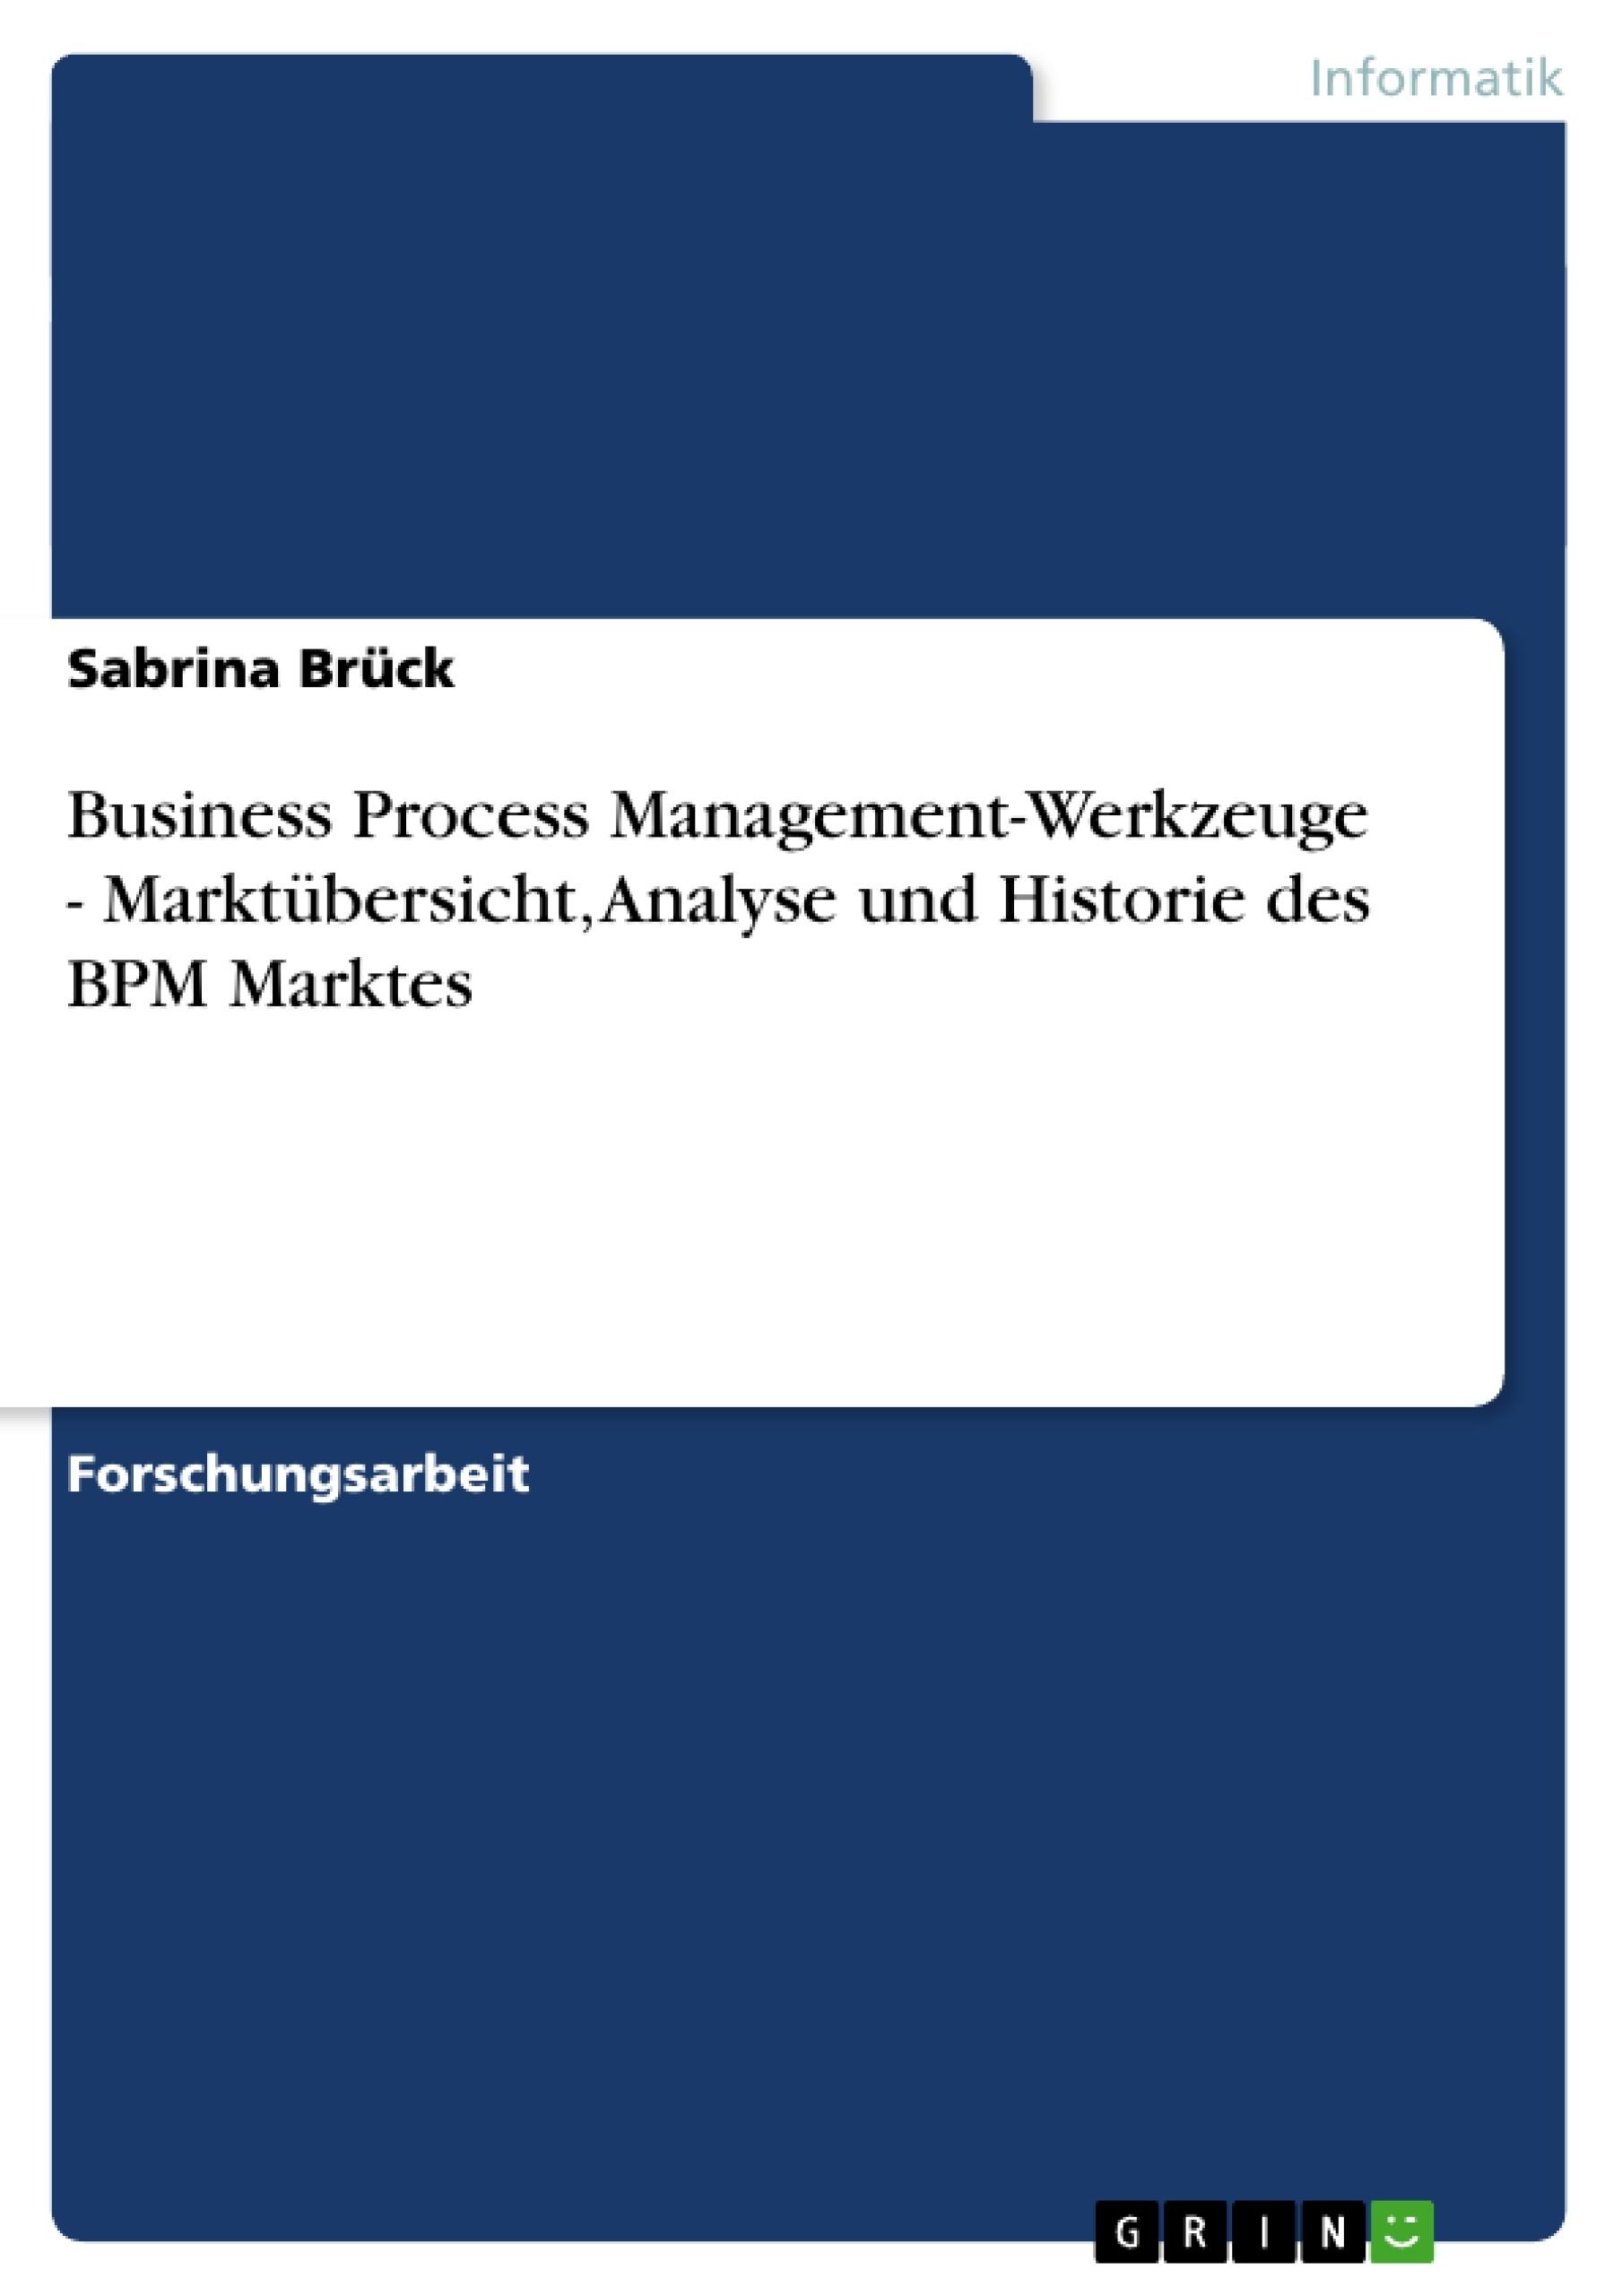 Titel: Business Process Management-Werkzeuge - Marktübersicht, Analyse und Historie des BPM Marktes